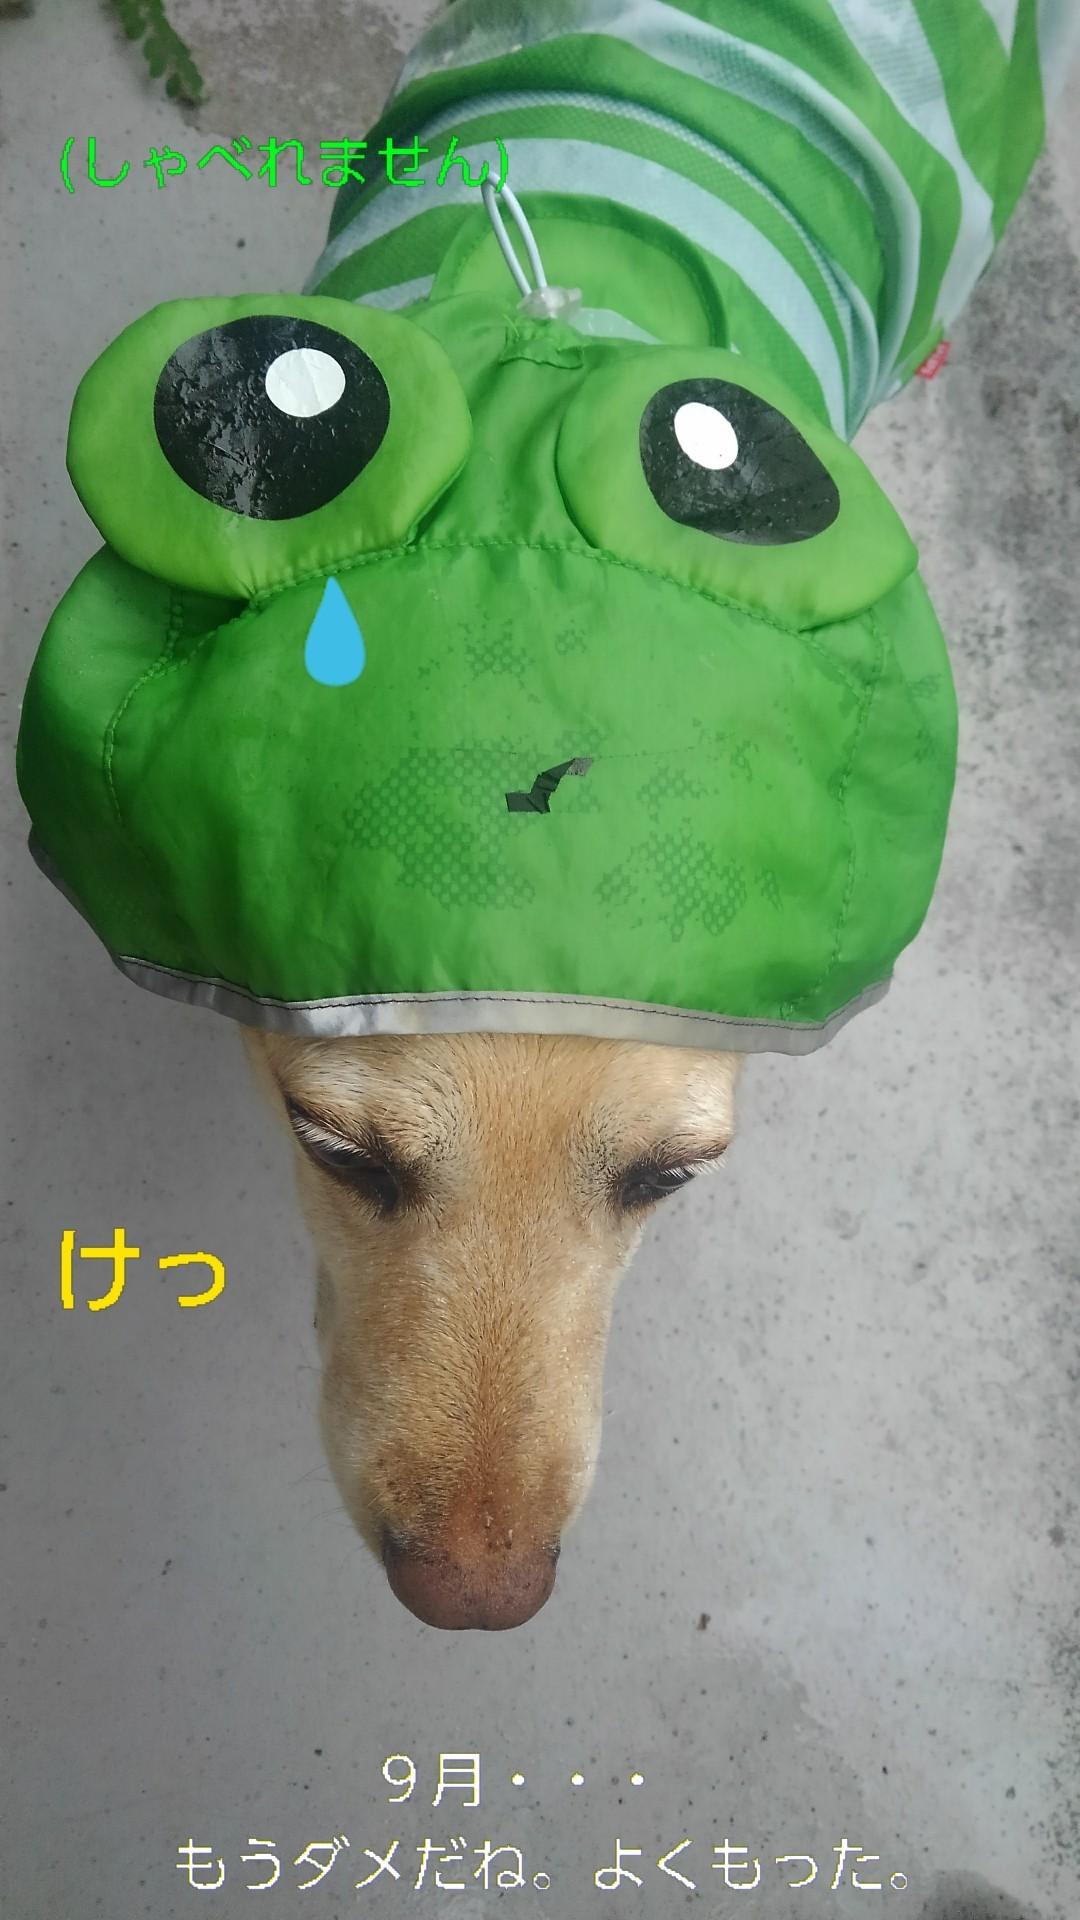 メリーのカッパのカエルの口がぁ~!_b0339522_16085179.jpg